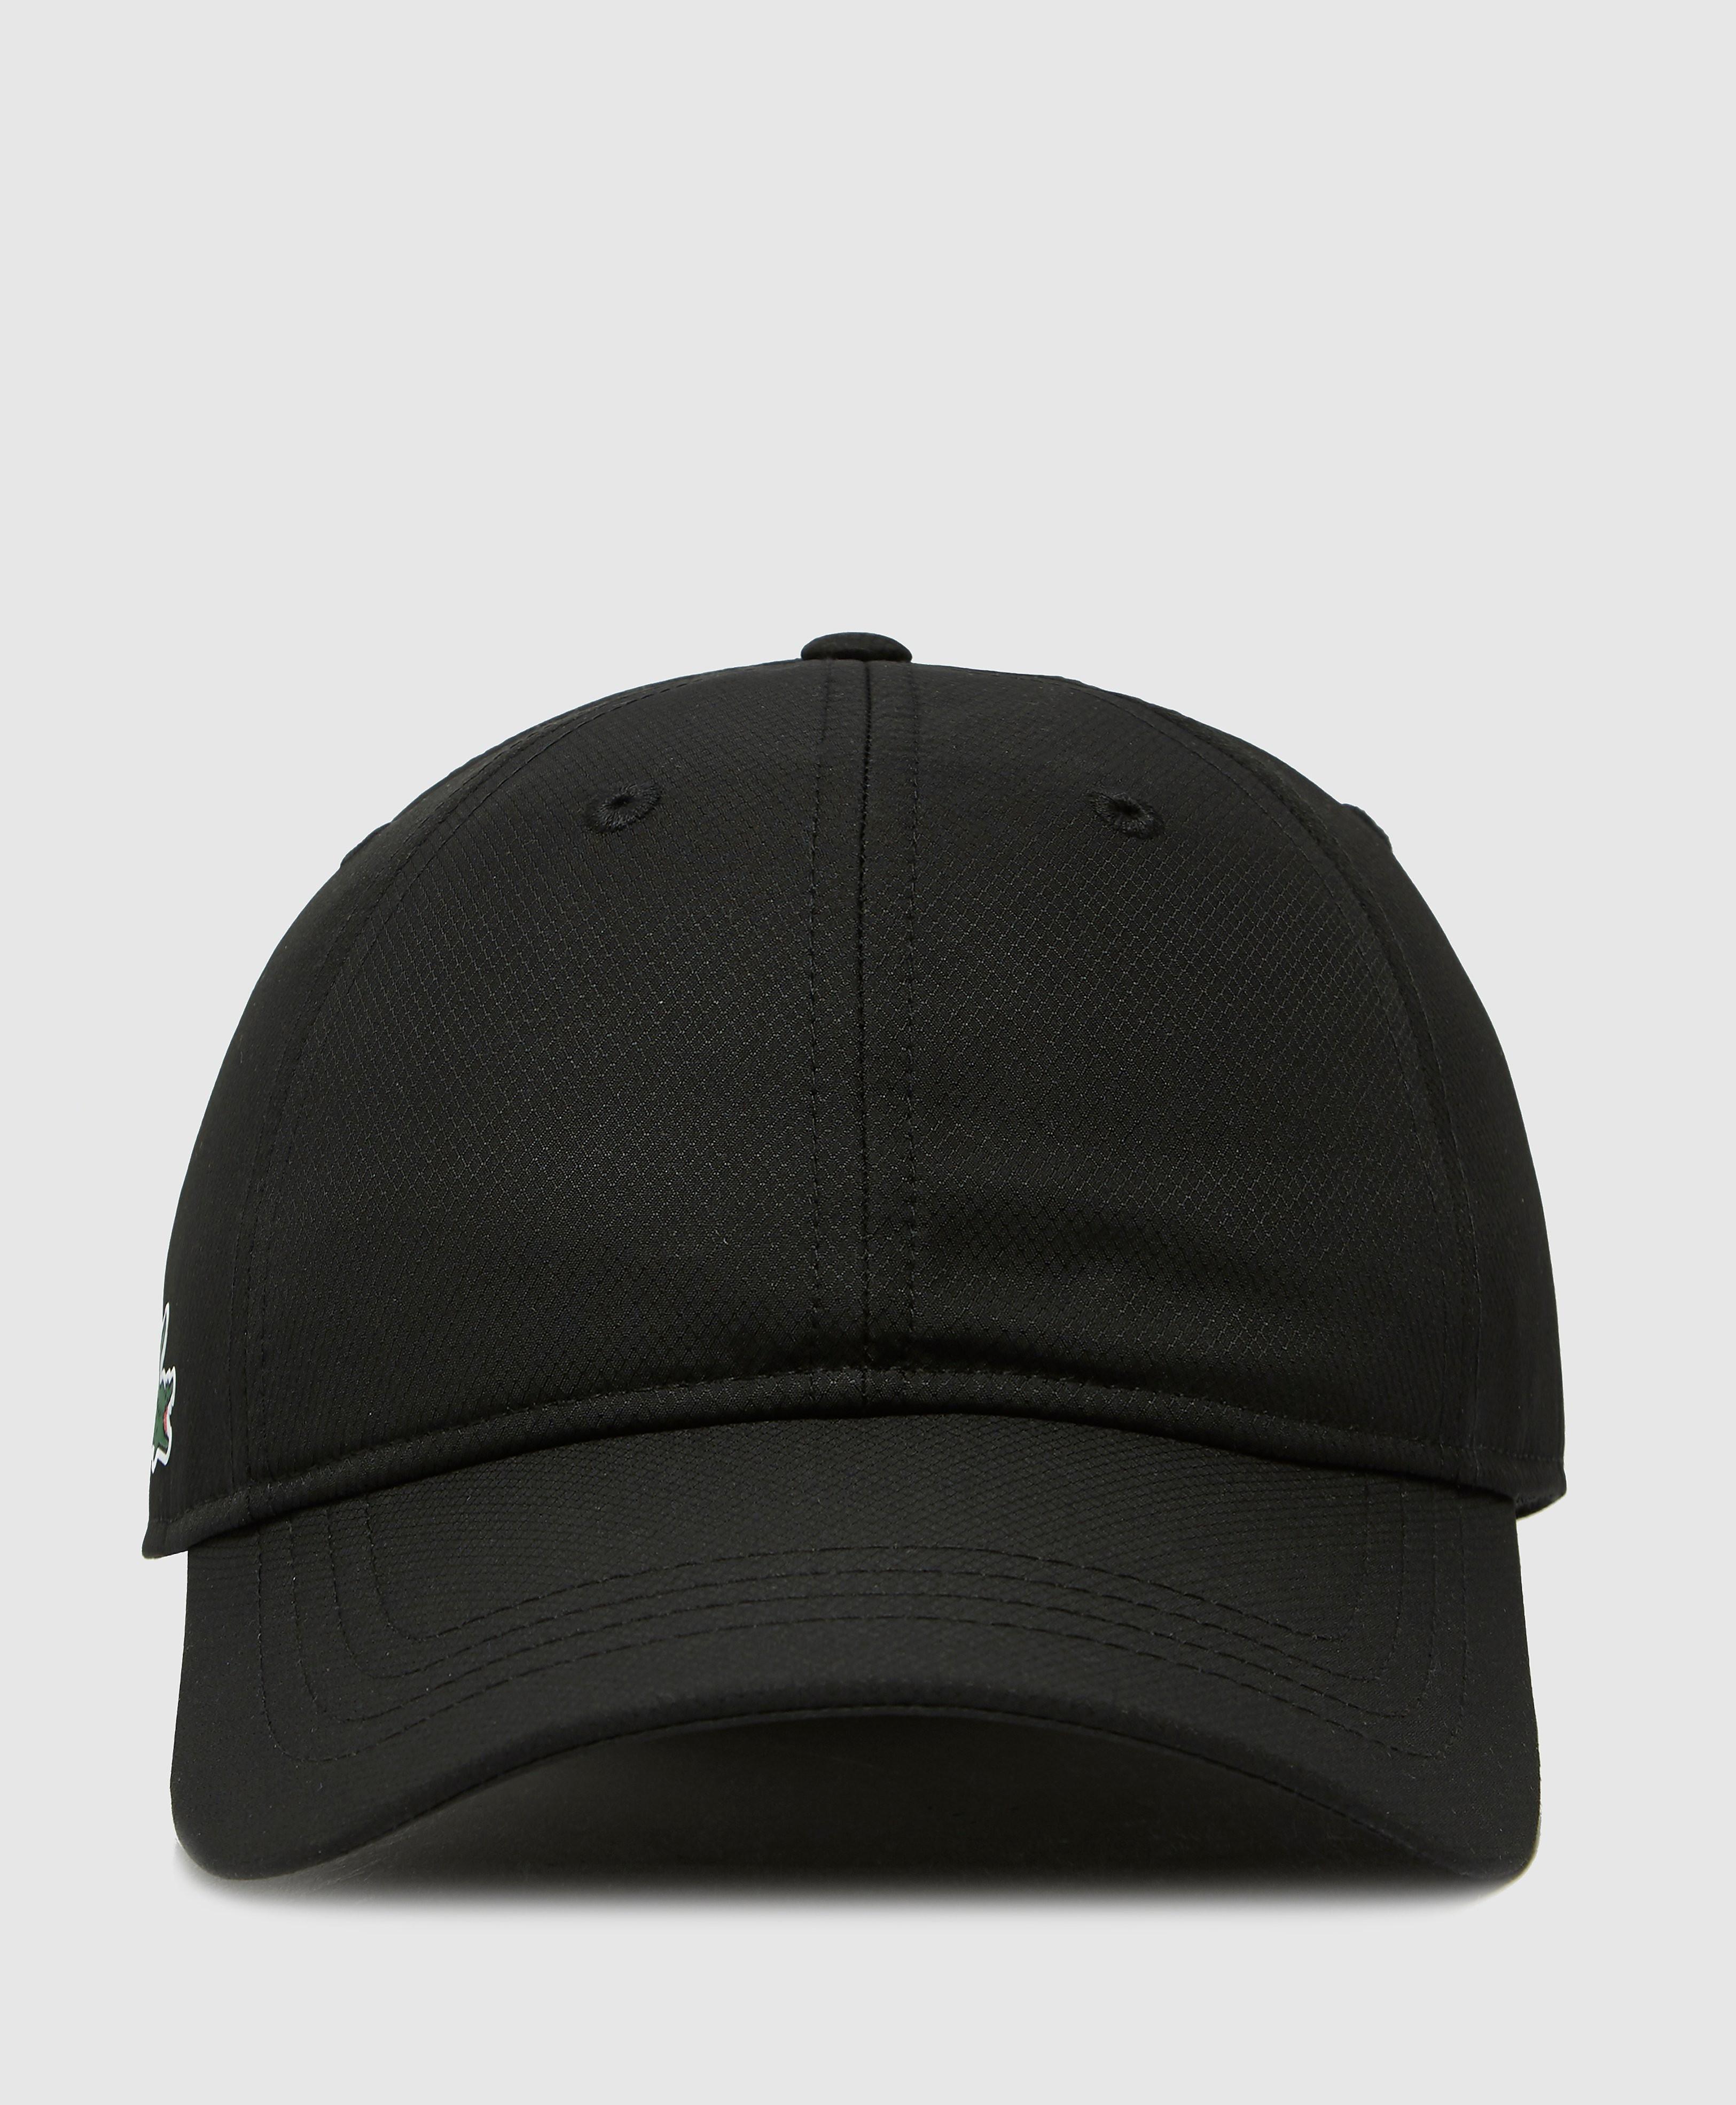 Lacoste Classic Cap  Black Black